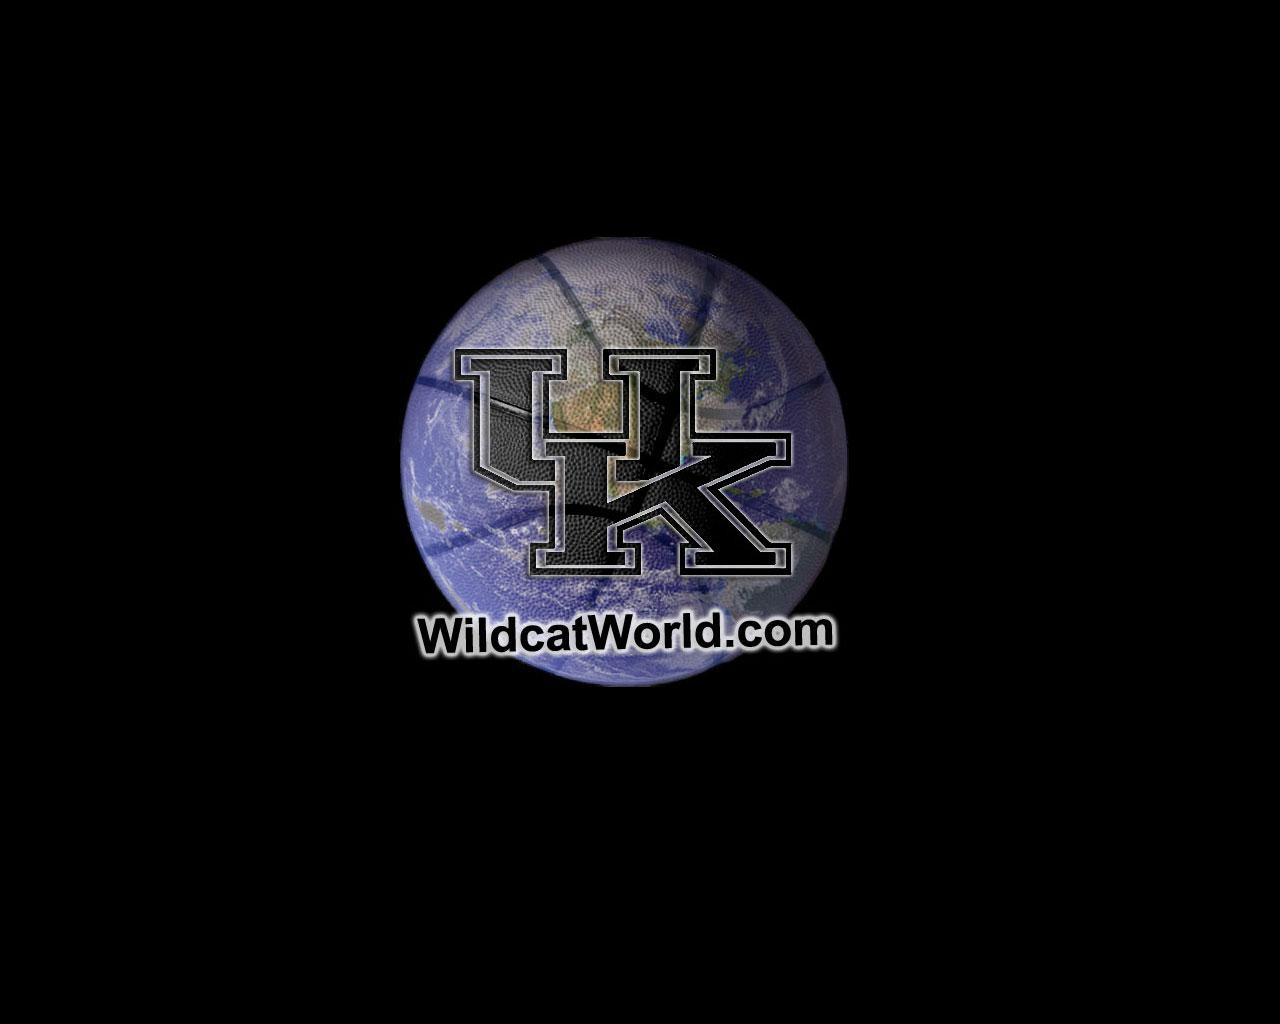 wildcatworld 1280x1024